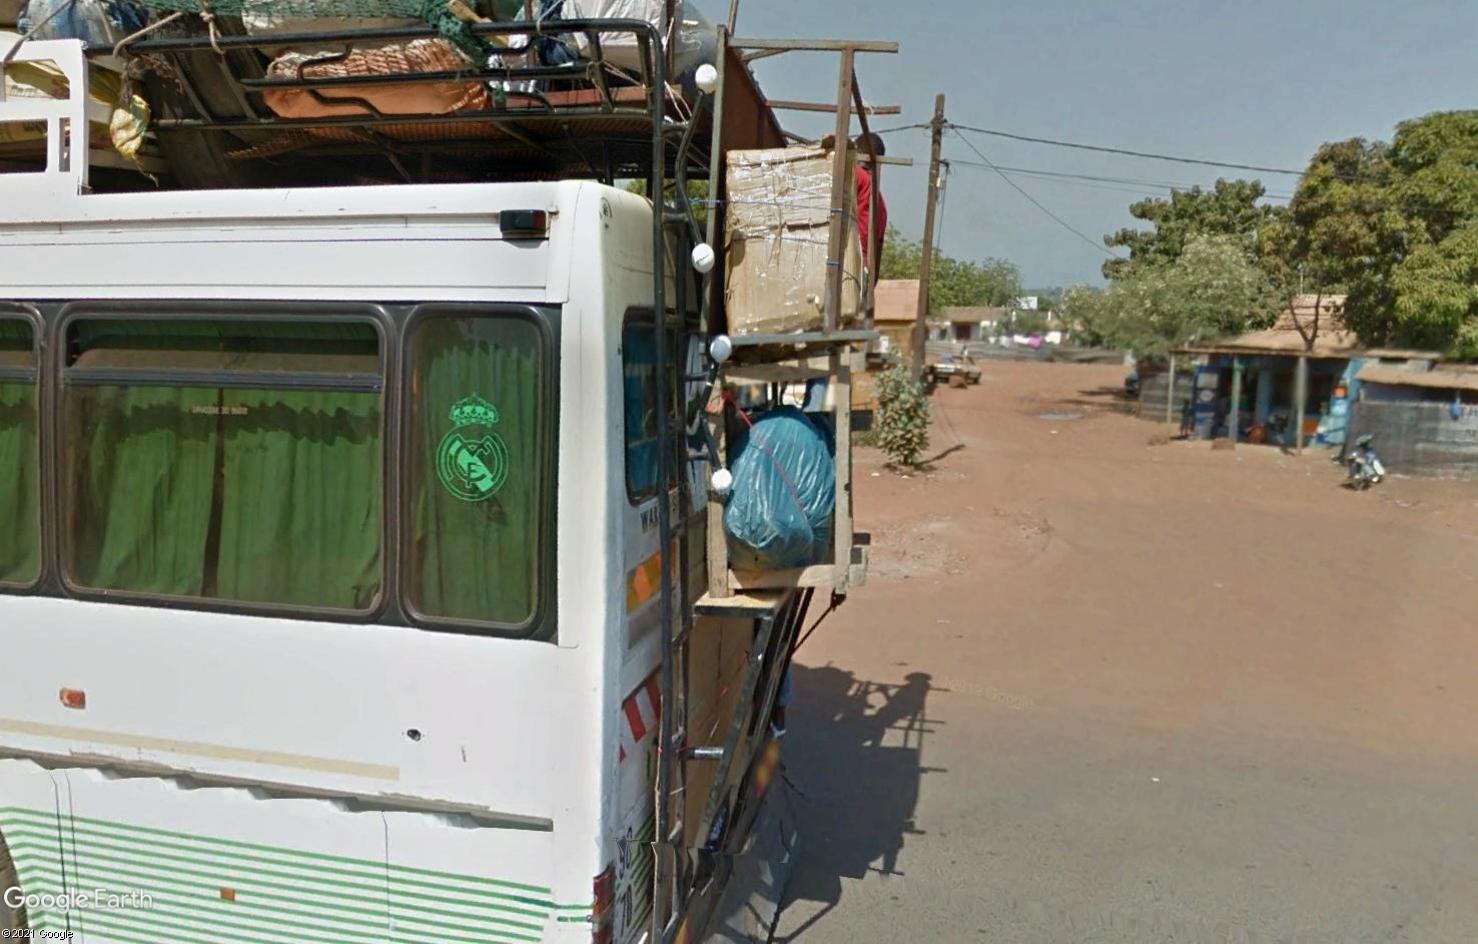 STREET VIEW : cars rapides et transports en commun du Sénégal - Page 2 Tsge1959